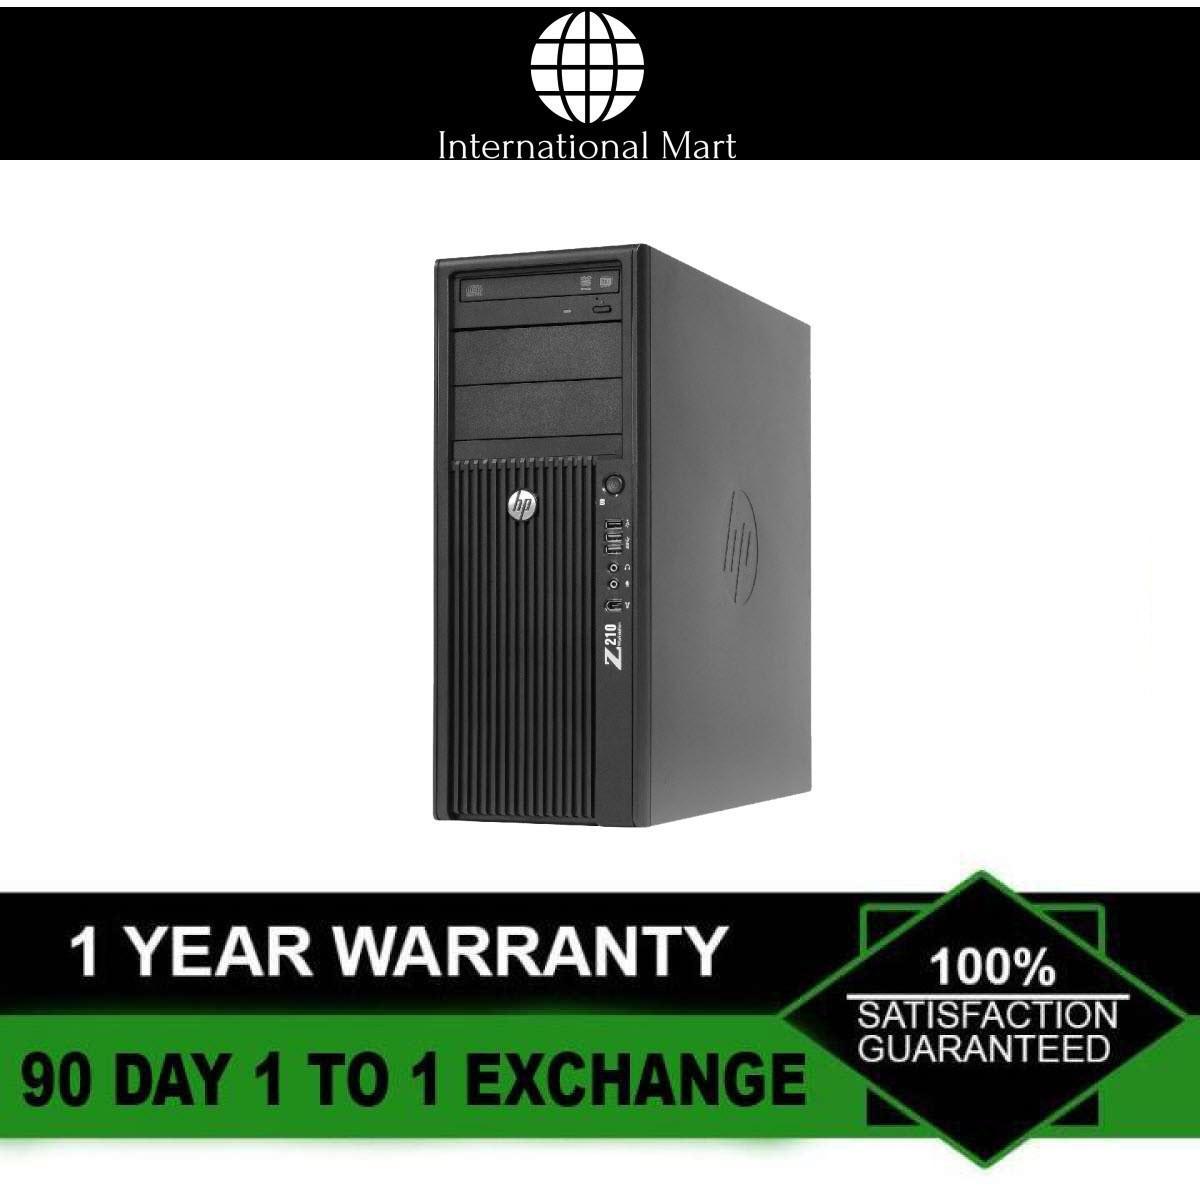 Máy tính đồ họa 3D HP WORKSTATION Z210 MT (CPU Xeon E3-1225, Ram ECC 16GB, HDD 2TB, VGA Rời Quadro 2000) + Bộ Quà Tặng